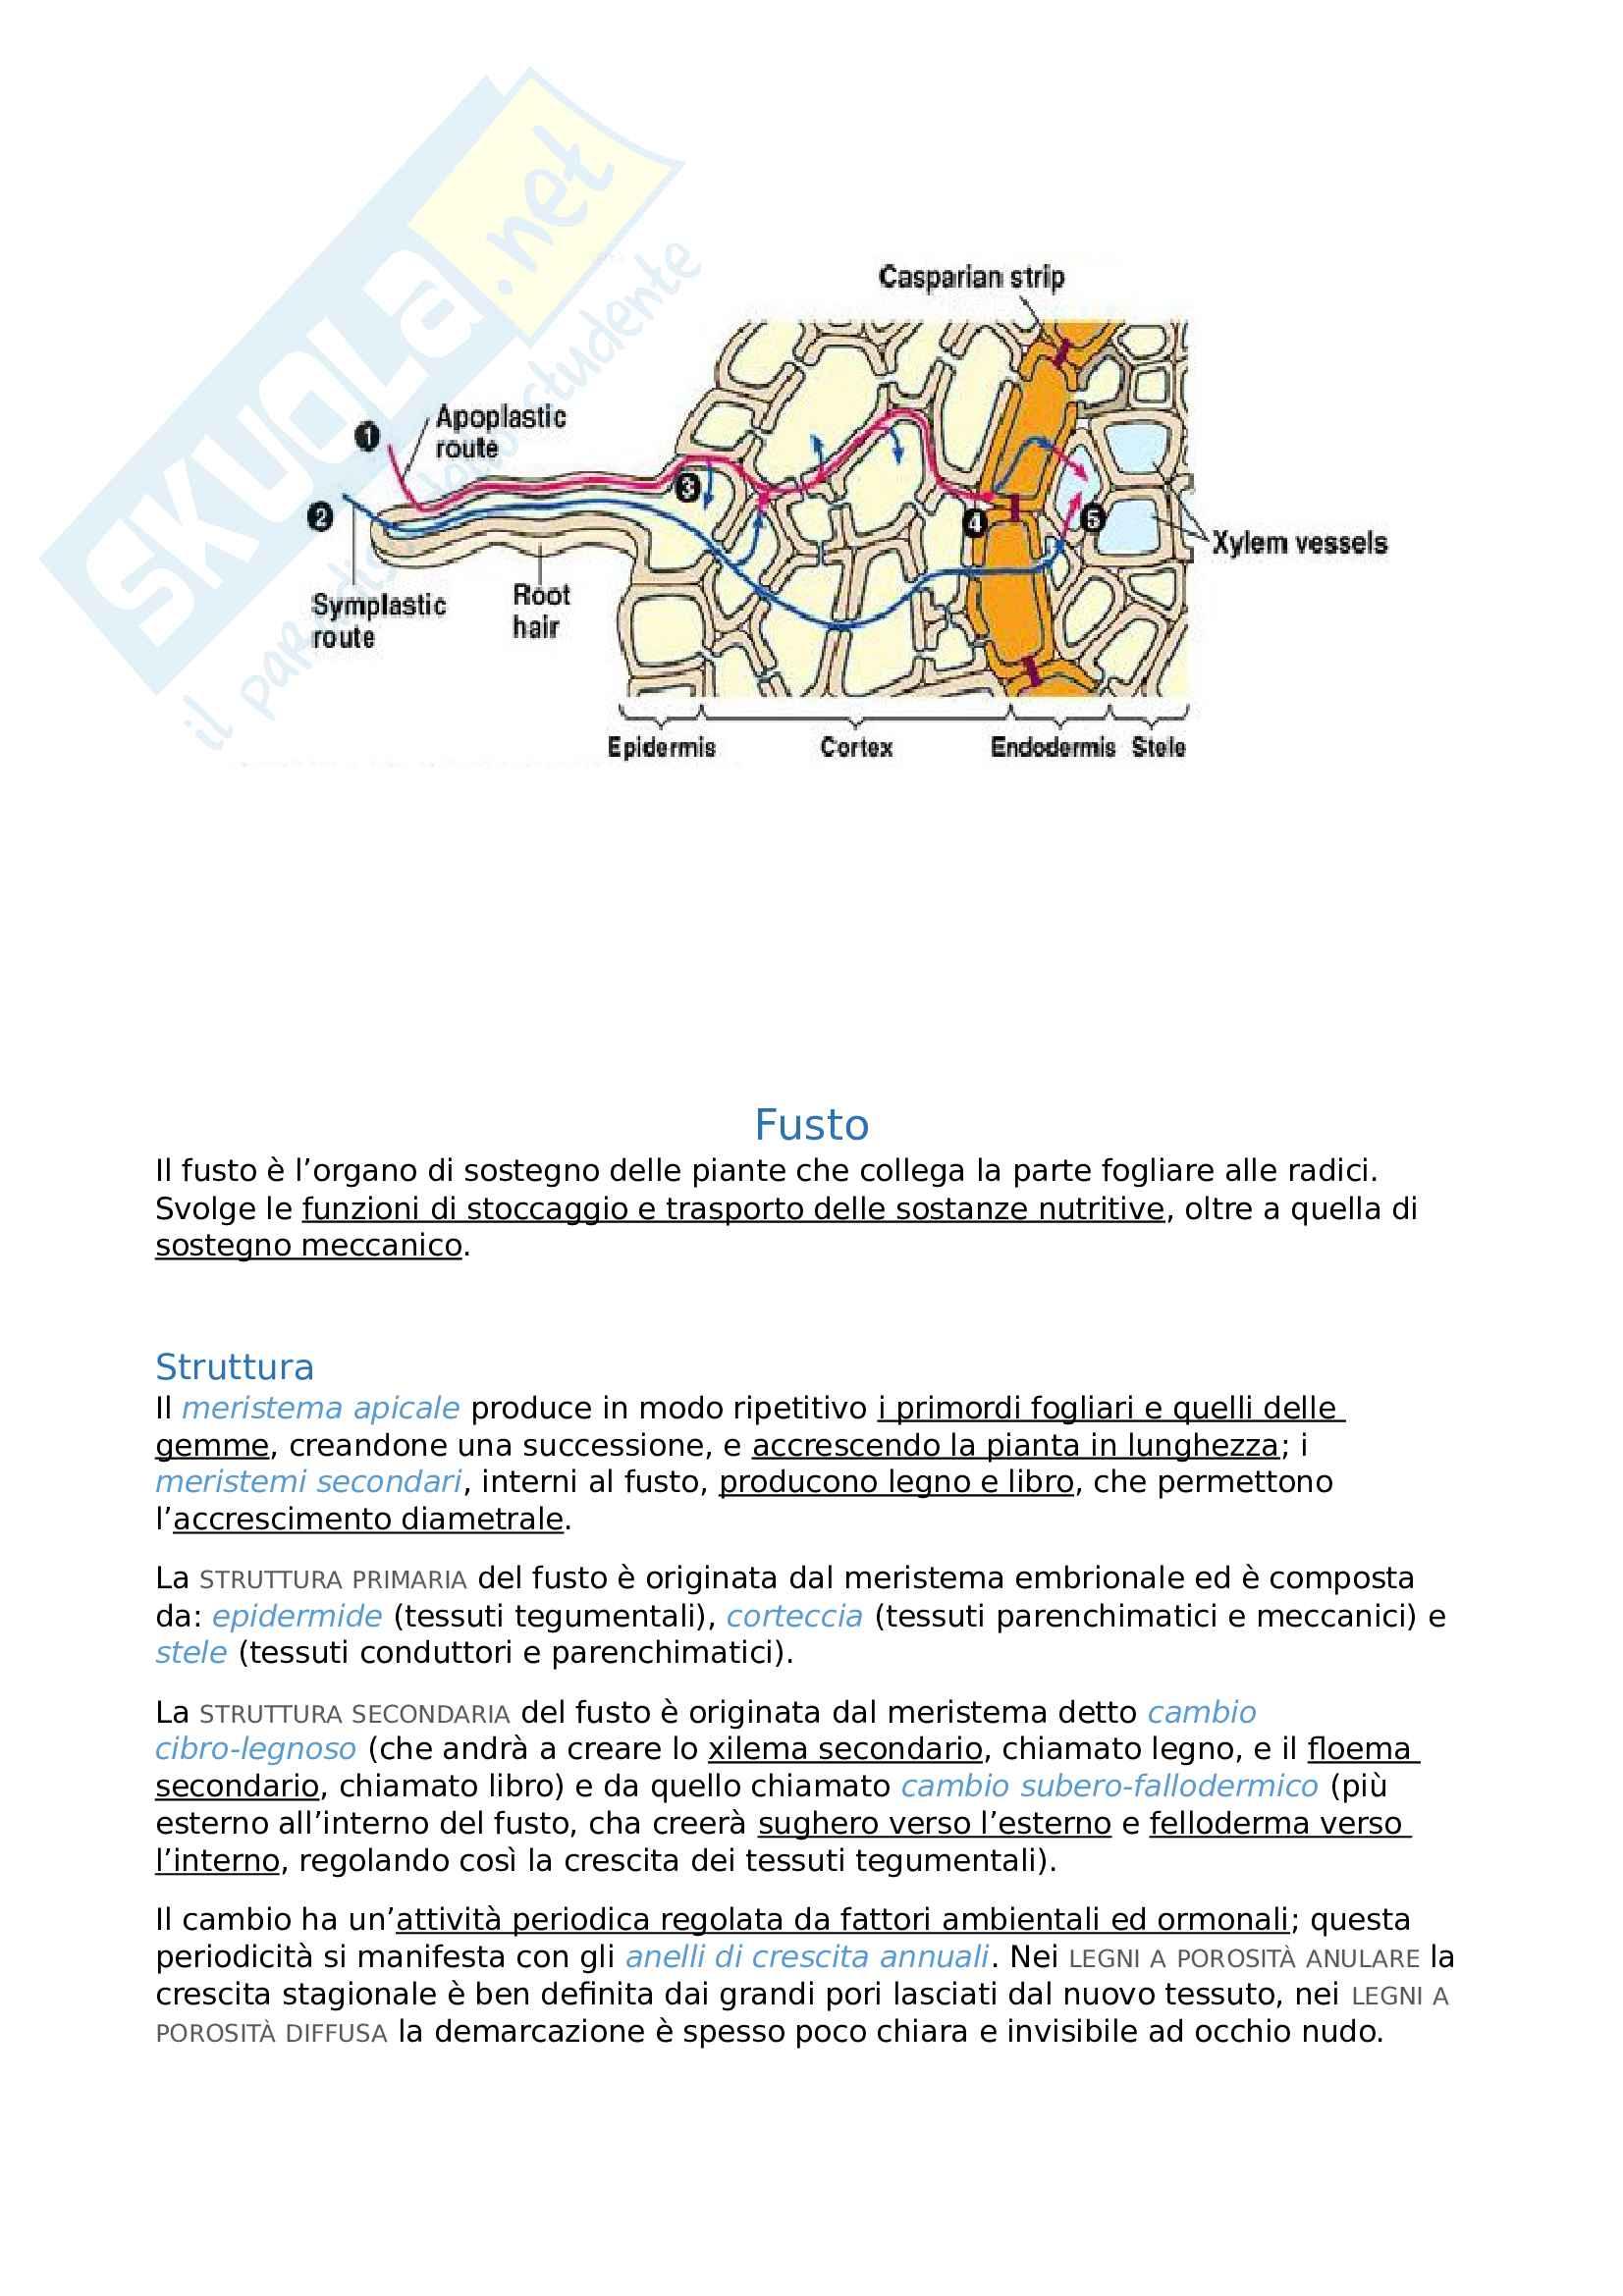 Riassunto esame Biologia Vegetale Pag. 16